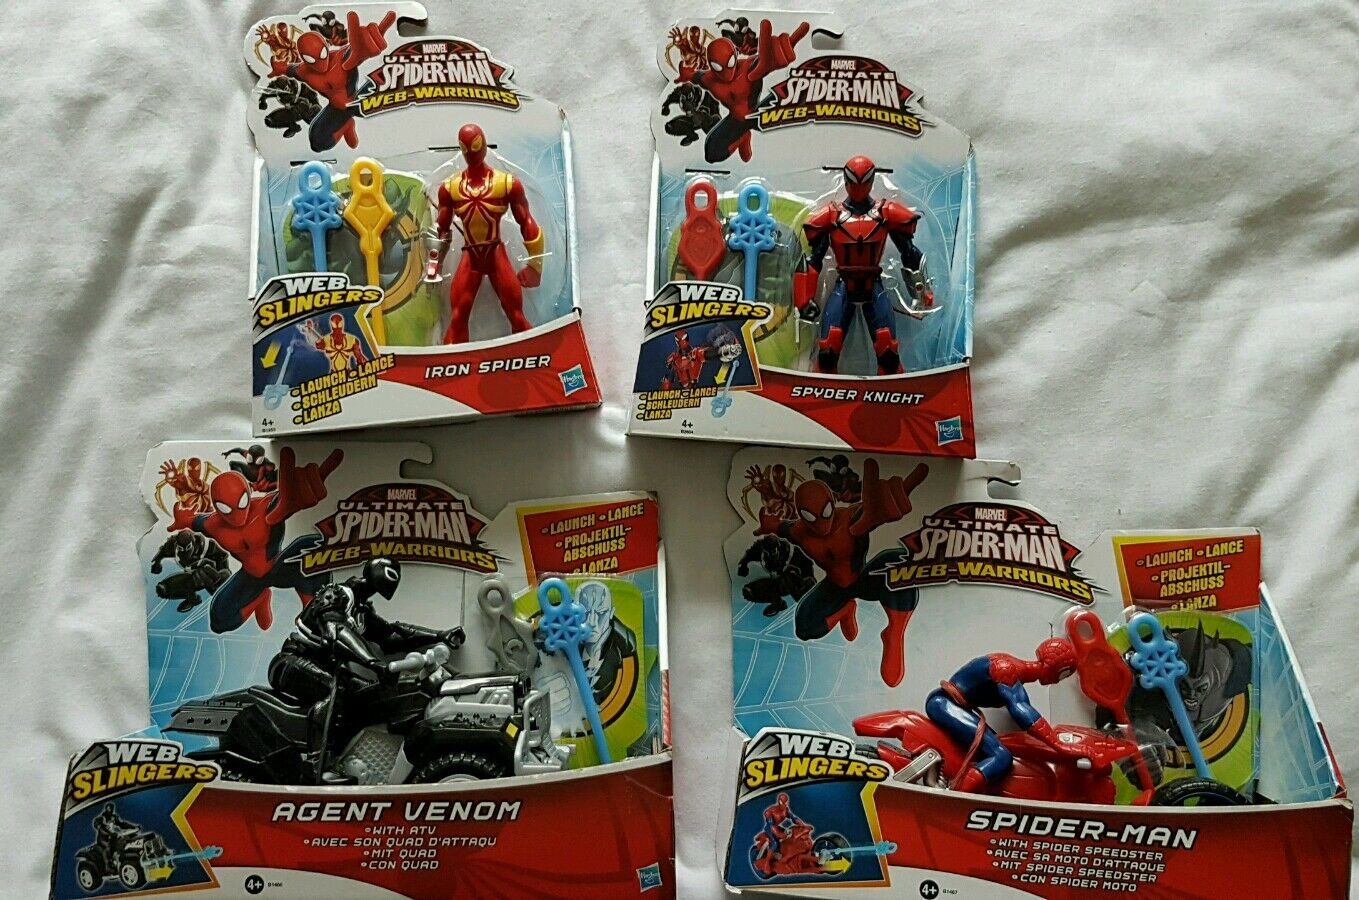 New Spider Man Web Warriors Bundle, Agent Venom, Iron Spider, Spyder Knight